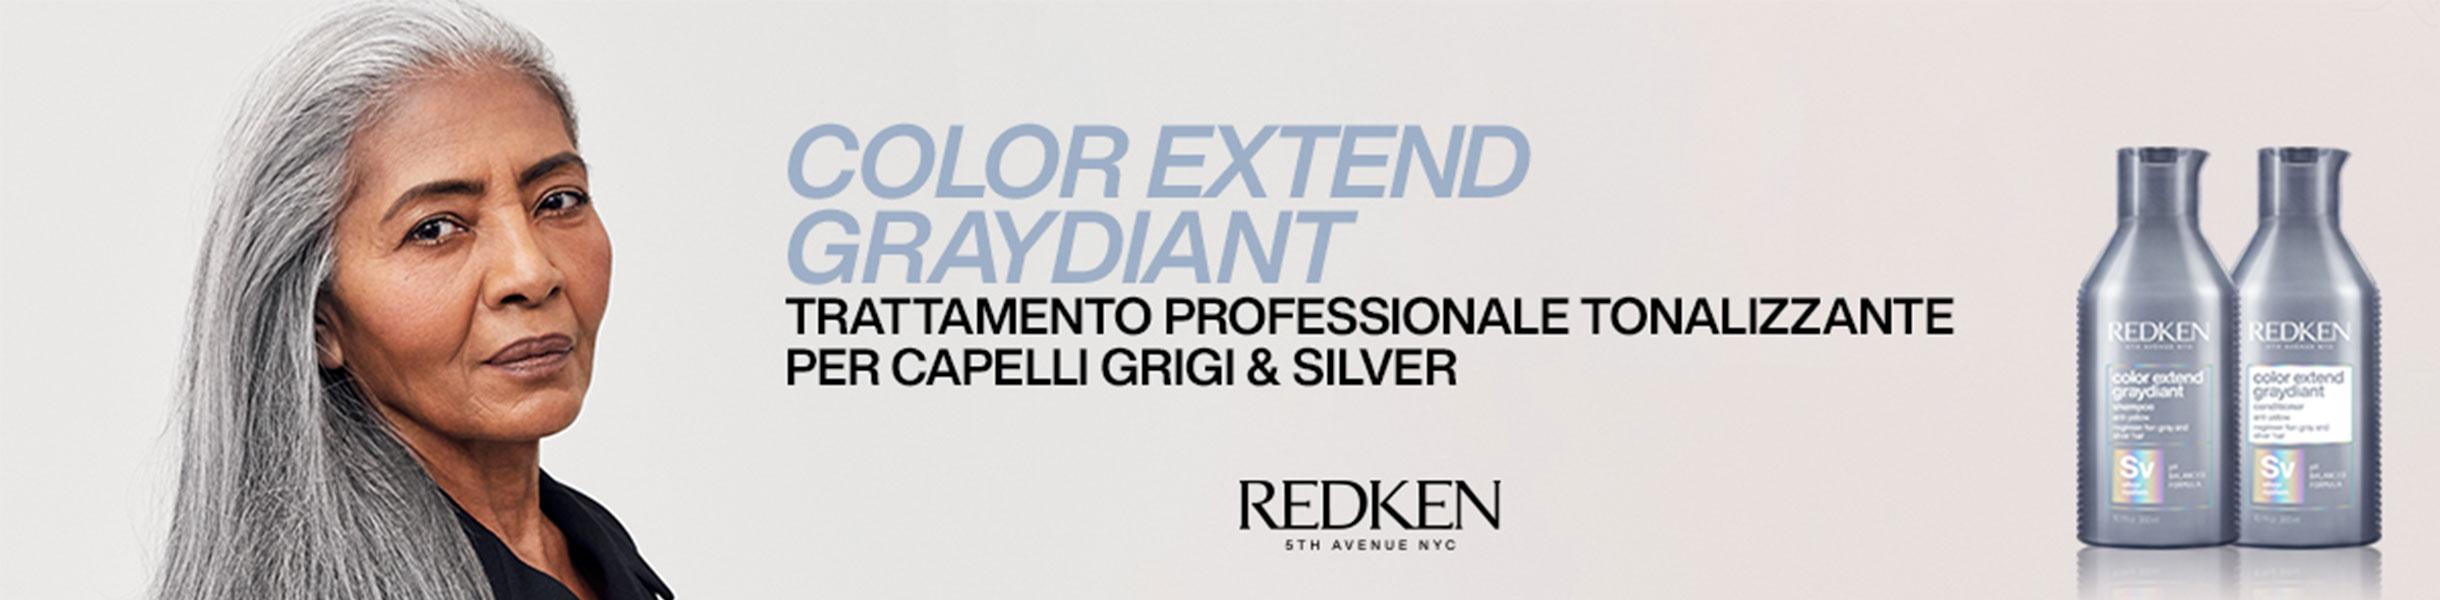 COLOR EXTEND GRAYDIANT - CAPELLI BIANCHI/GRIGI